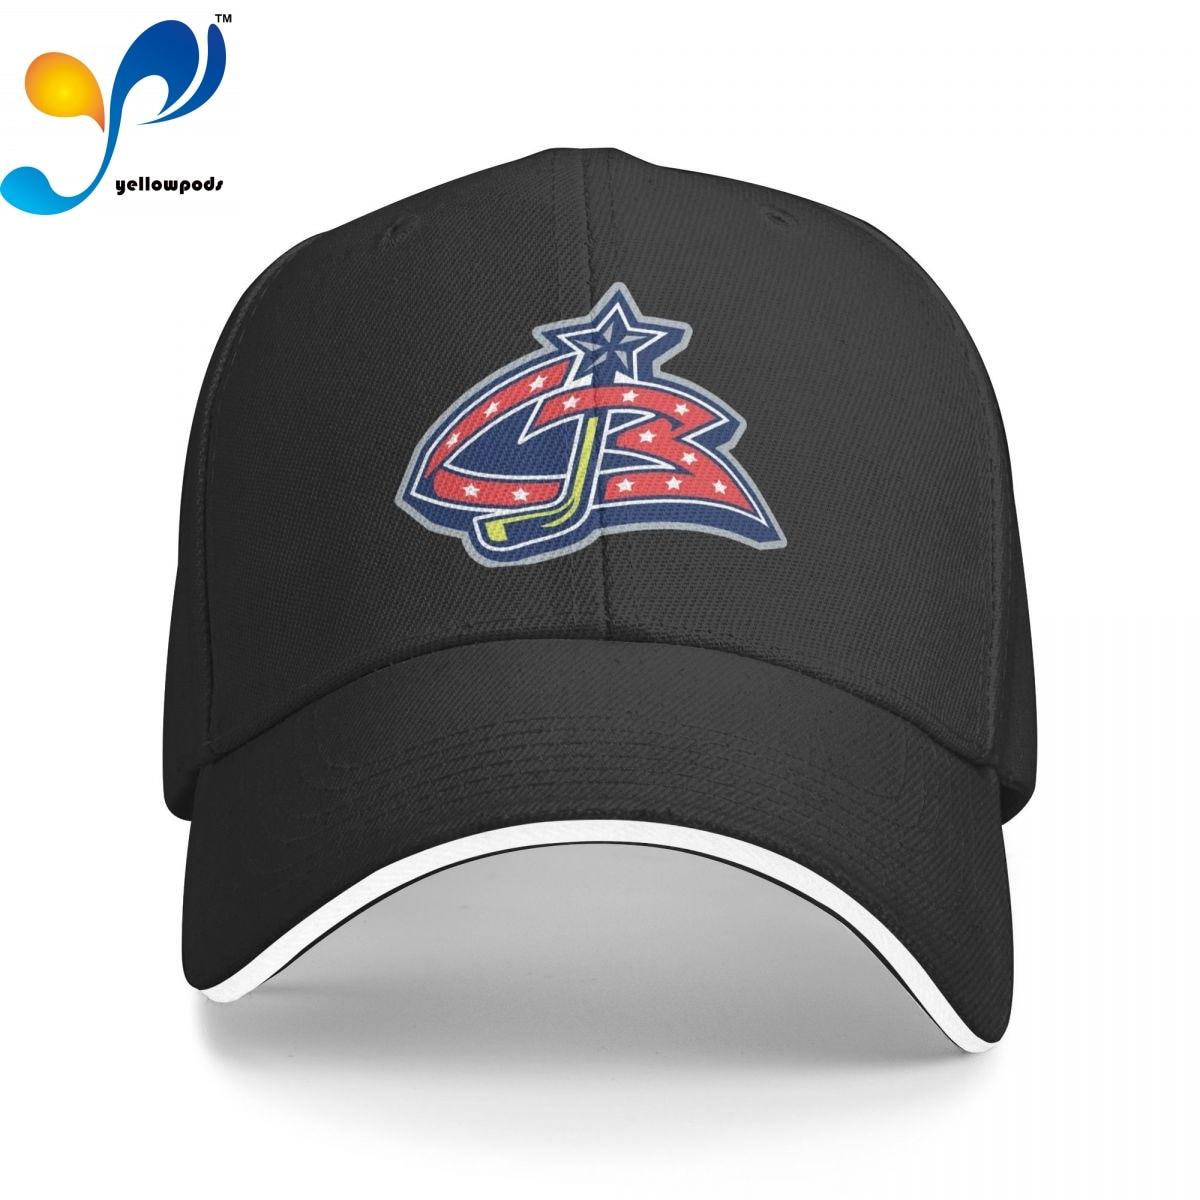 Бейсболка, мужские синие куртки, модные кепки, головные уборы с логотипом, мужская шапка для папы, кепка для мужчин, Кепка-тракер